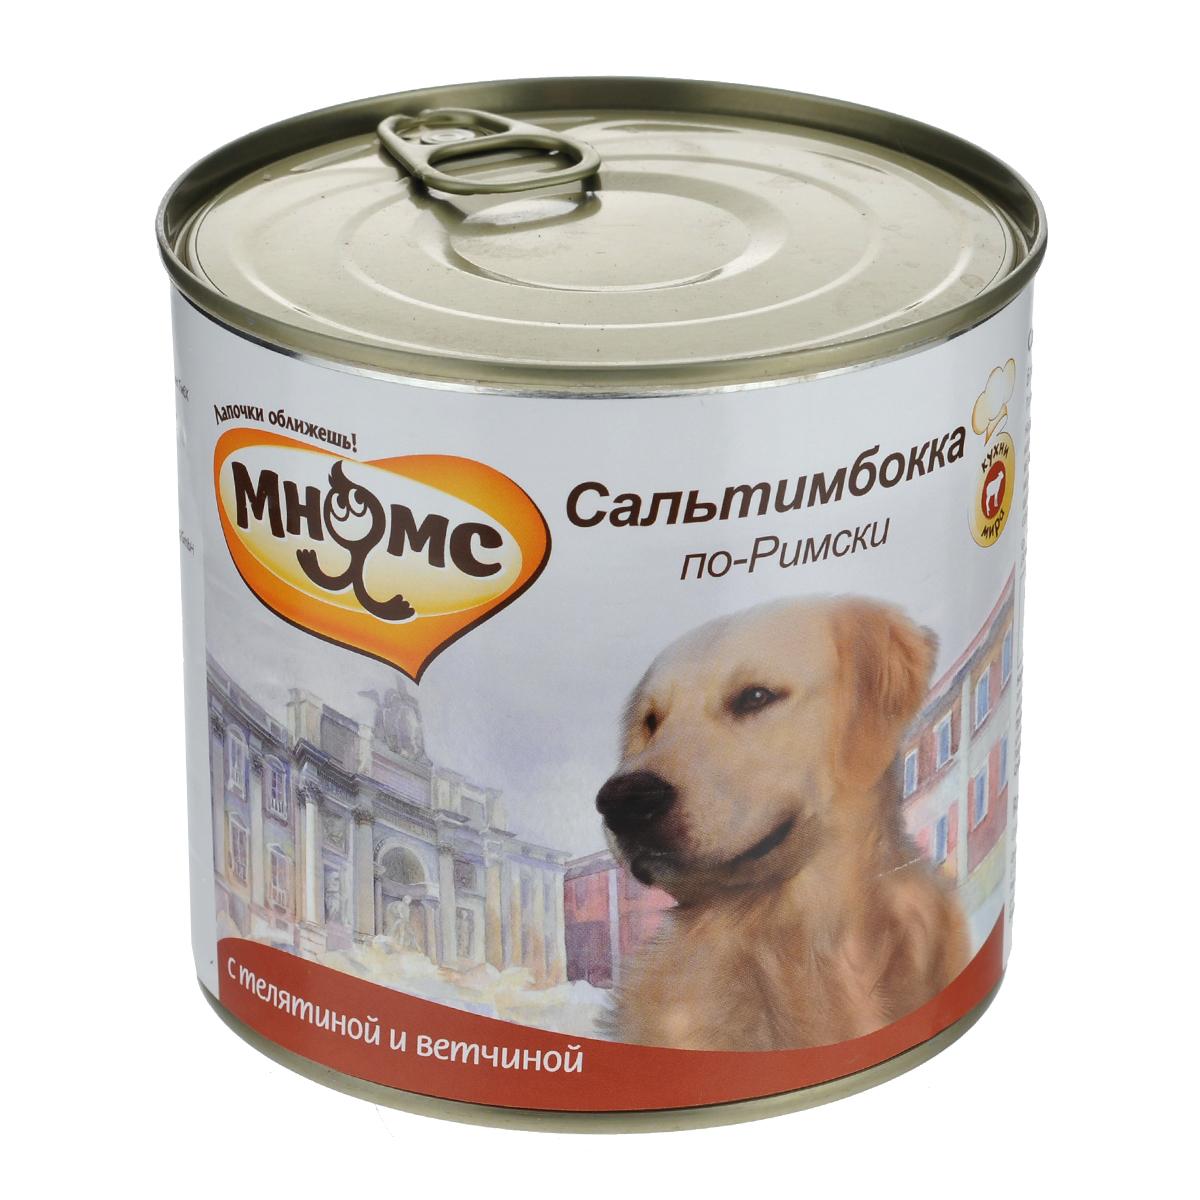 Консервы для собак Мнямс Сальтимбокка по-Римски, с телятиной и ветчиной, 600 г0120710Полнорационные корма Мнямс, производимые в Германии, содержат все необходимое для здоровой и счастливой жизни вашего питомца. Входящие в состав ингредиенты абсолютно натуральны, сбалансированы и при этом обладают высокой вкусовой привлекательностью. Название этого итальянского блюда переводится на русский язык, как прыгни в рот!. Действительно, мало какое кушанье может сравниться с ним по изысканности вкуса. В Риме Сальтимбокку готовят из телячьей вырезки, которую режут на тонкие круглые кусочки - медальоны, отбивают и немного маринуют в белом вине. Затем на каждый медальон выкладывают кусочек пармской ветчины и листик шалфея, закрепляют деревянной палочкой и обжаривают на растительном масле. Телятина, пропитанная соком ветчины, становится мягкой, а шалфей придаёт мясу тонкий вкус и аромат. При кормлении необходимо учитывать возраст и активность животного. Собакавсегда должна иметь доступ к свежей питьевой воде.Состав: мясо (70%), из них телятина (15%), ветчина (15%); минералы, масла и жиры (сафлоровое масло 0,1%).Пищевая ценность: витамин Е (30 мг), витамин D3 (200 МЕ), цинк (15 мг), марганец (3 мг), йод (0,75 мг), селен (0,03 мг).Анализ: белок 10,5%, жир 6,8%, клетчатка 0,4%, зола 2,4%, влажность 79%.Вес: 600 г. Товар сертифицирован.